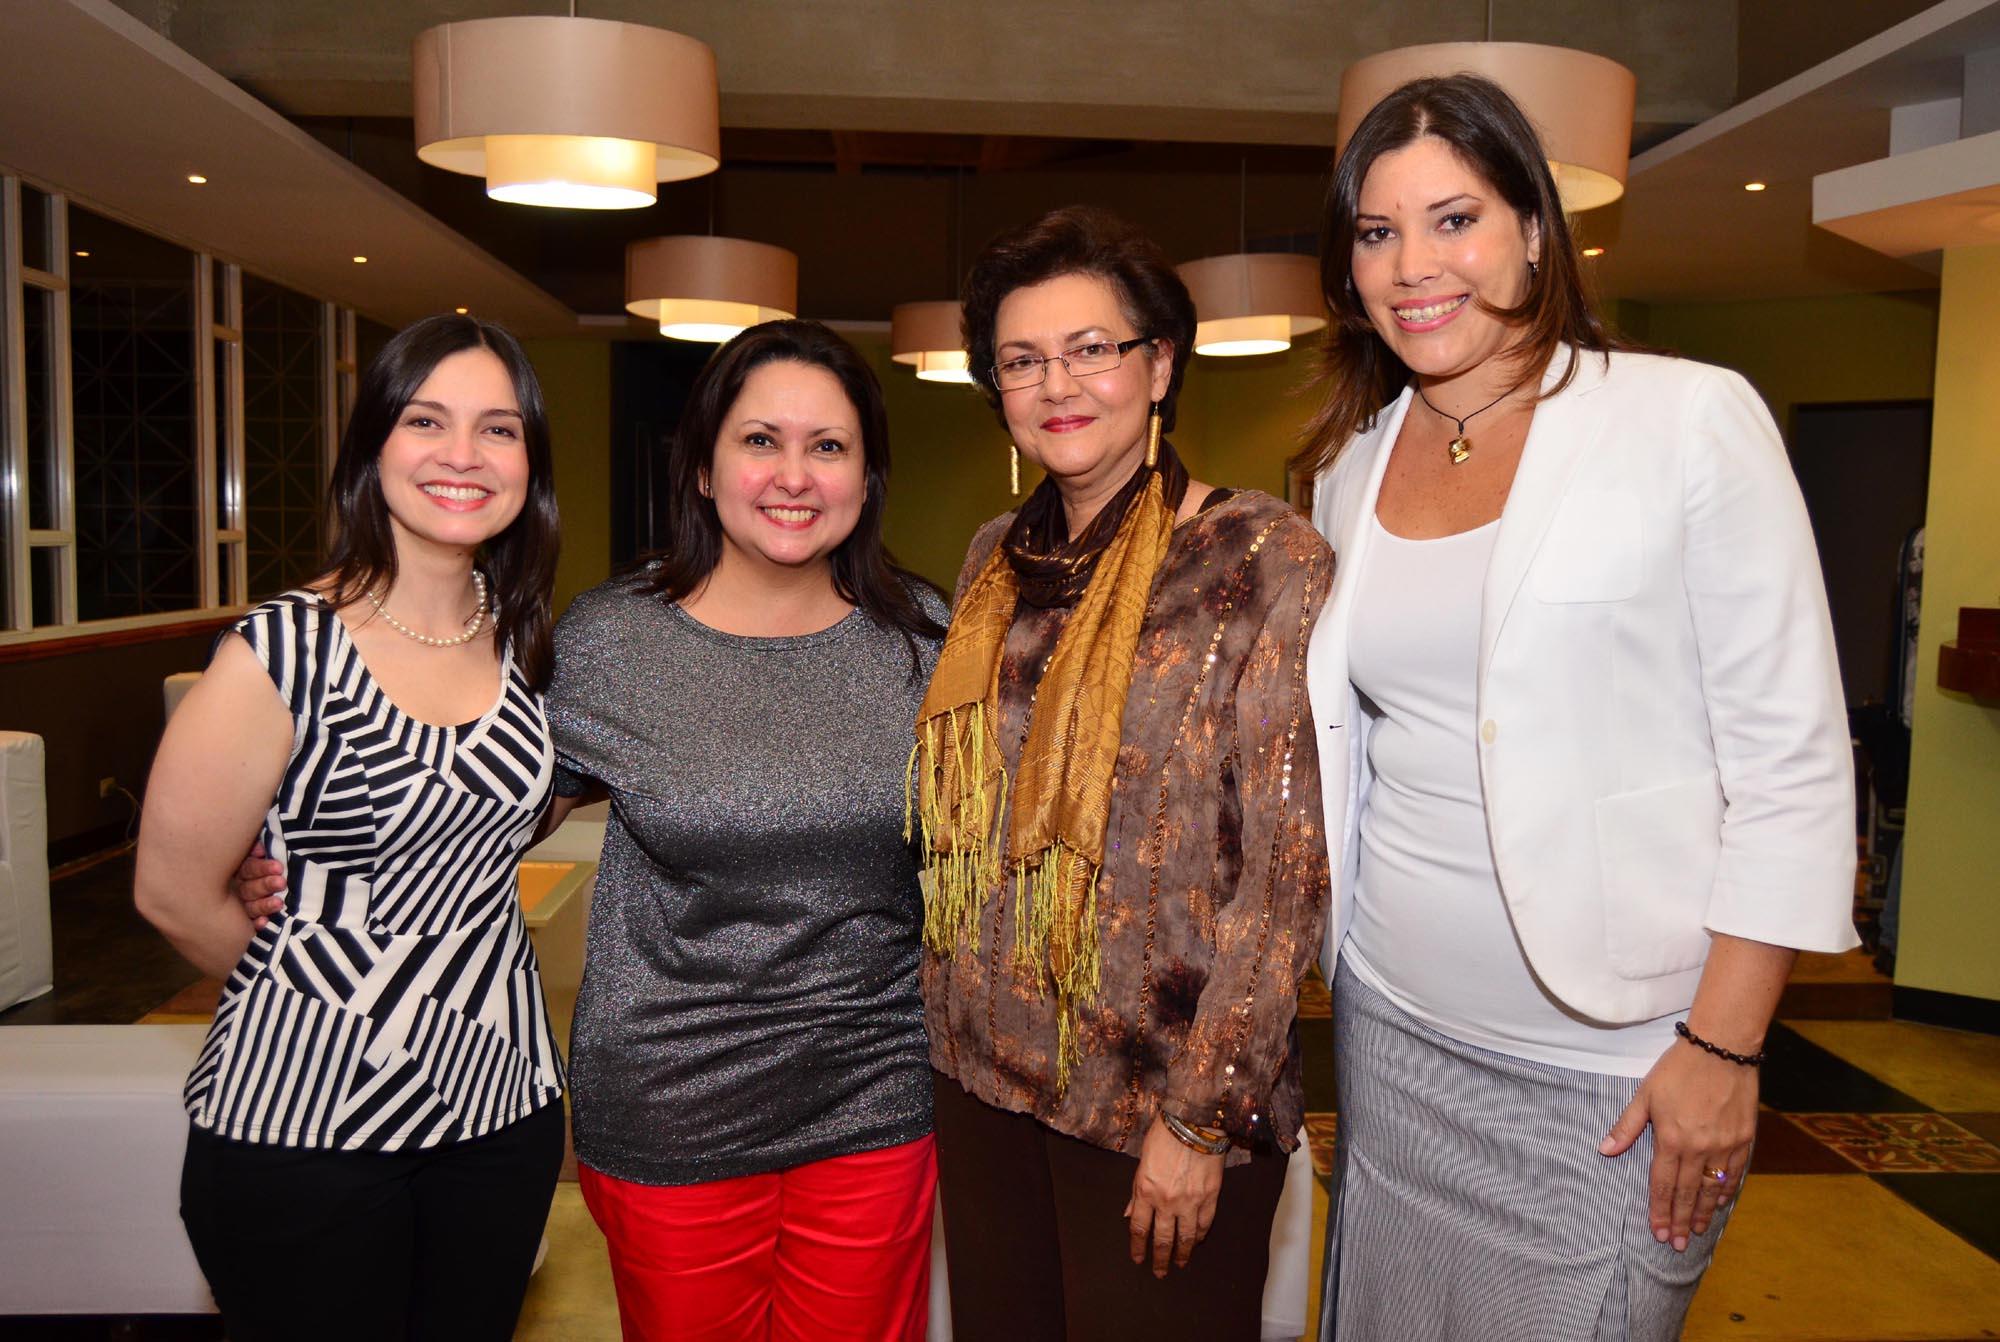 De izquierda a derecha:  Ana Vass y Rosalinda Cabrera de Fundación Telefónica; Lourdes Molero, Directoral del MACZUL y Sara Narváez, de Telefónica.